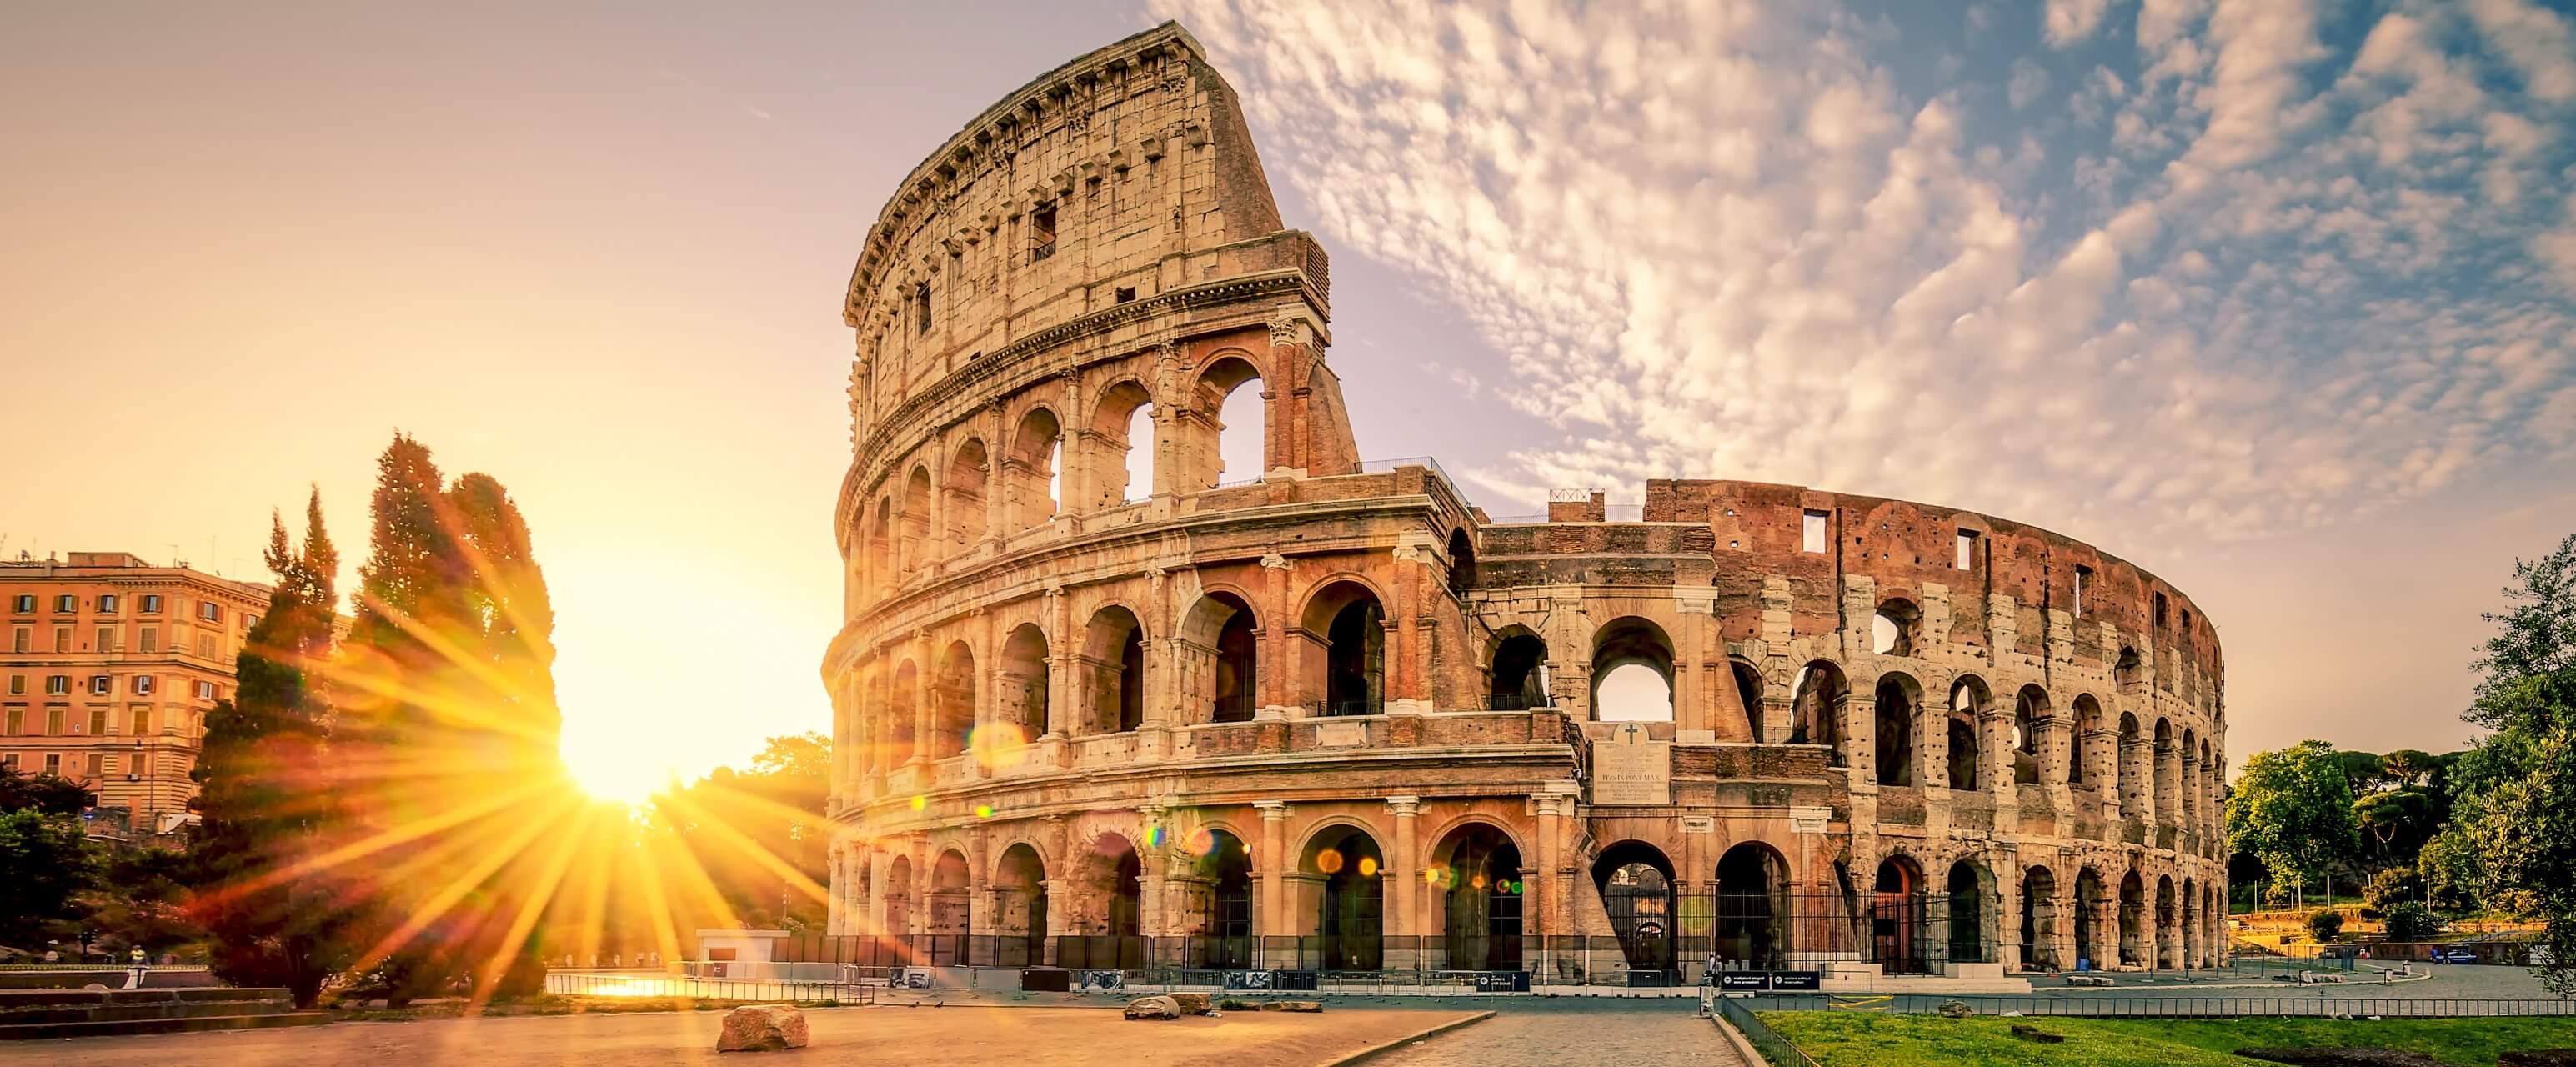 Flüge von Frankfurt Hahn nach Rom im Februar